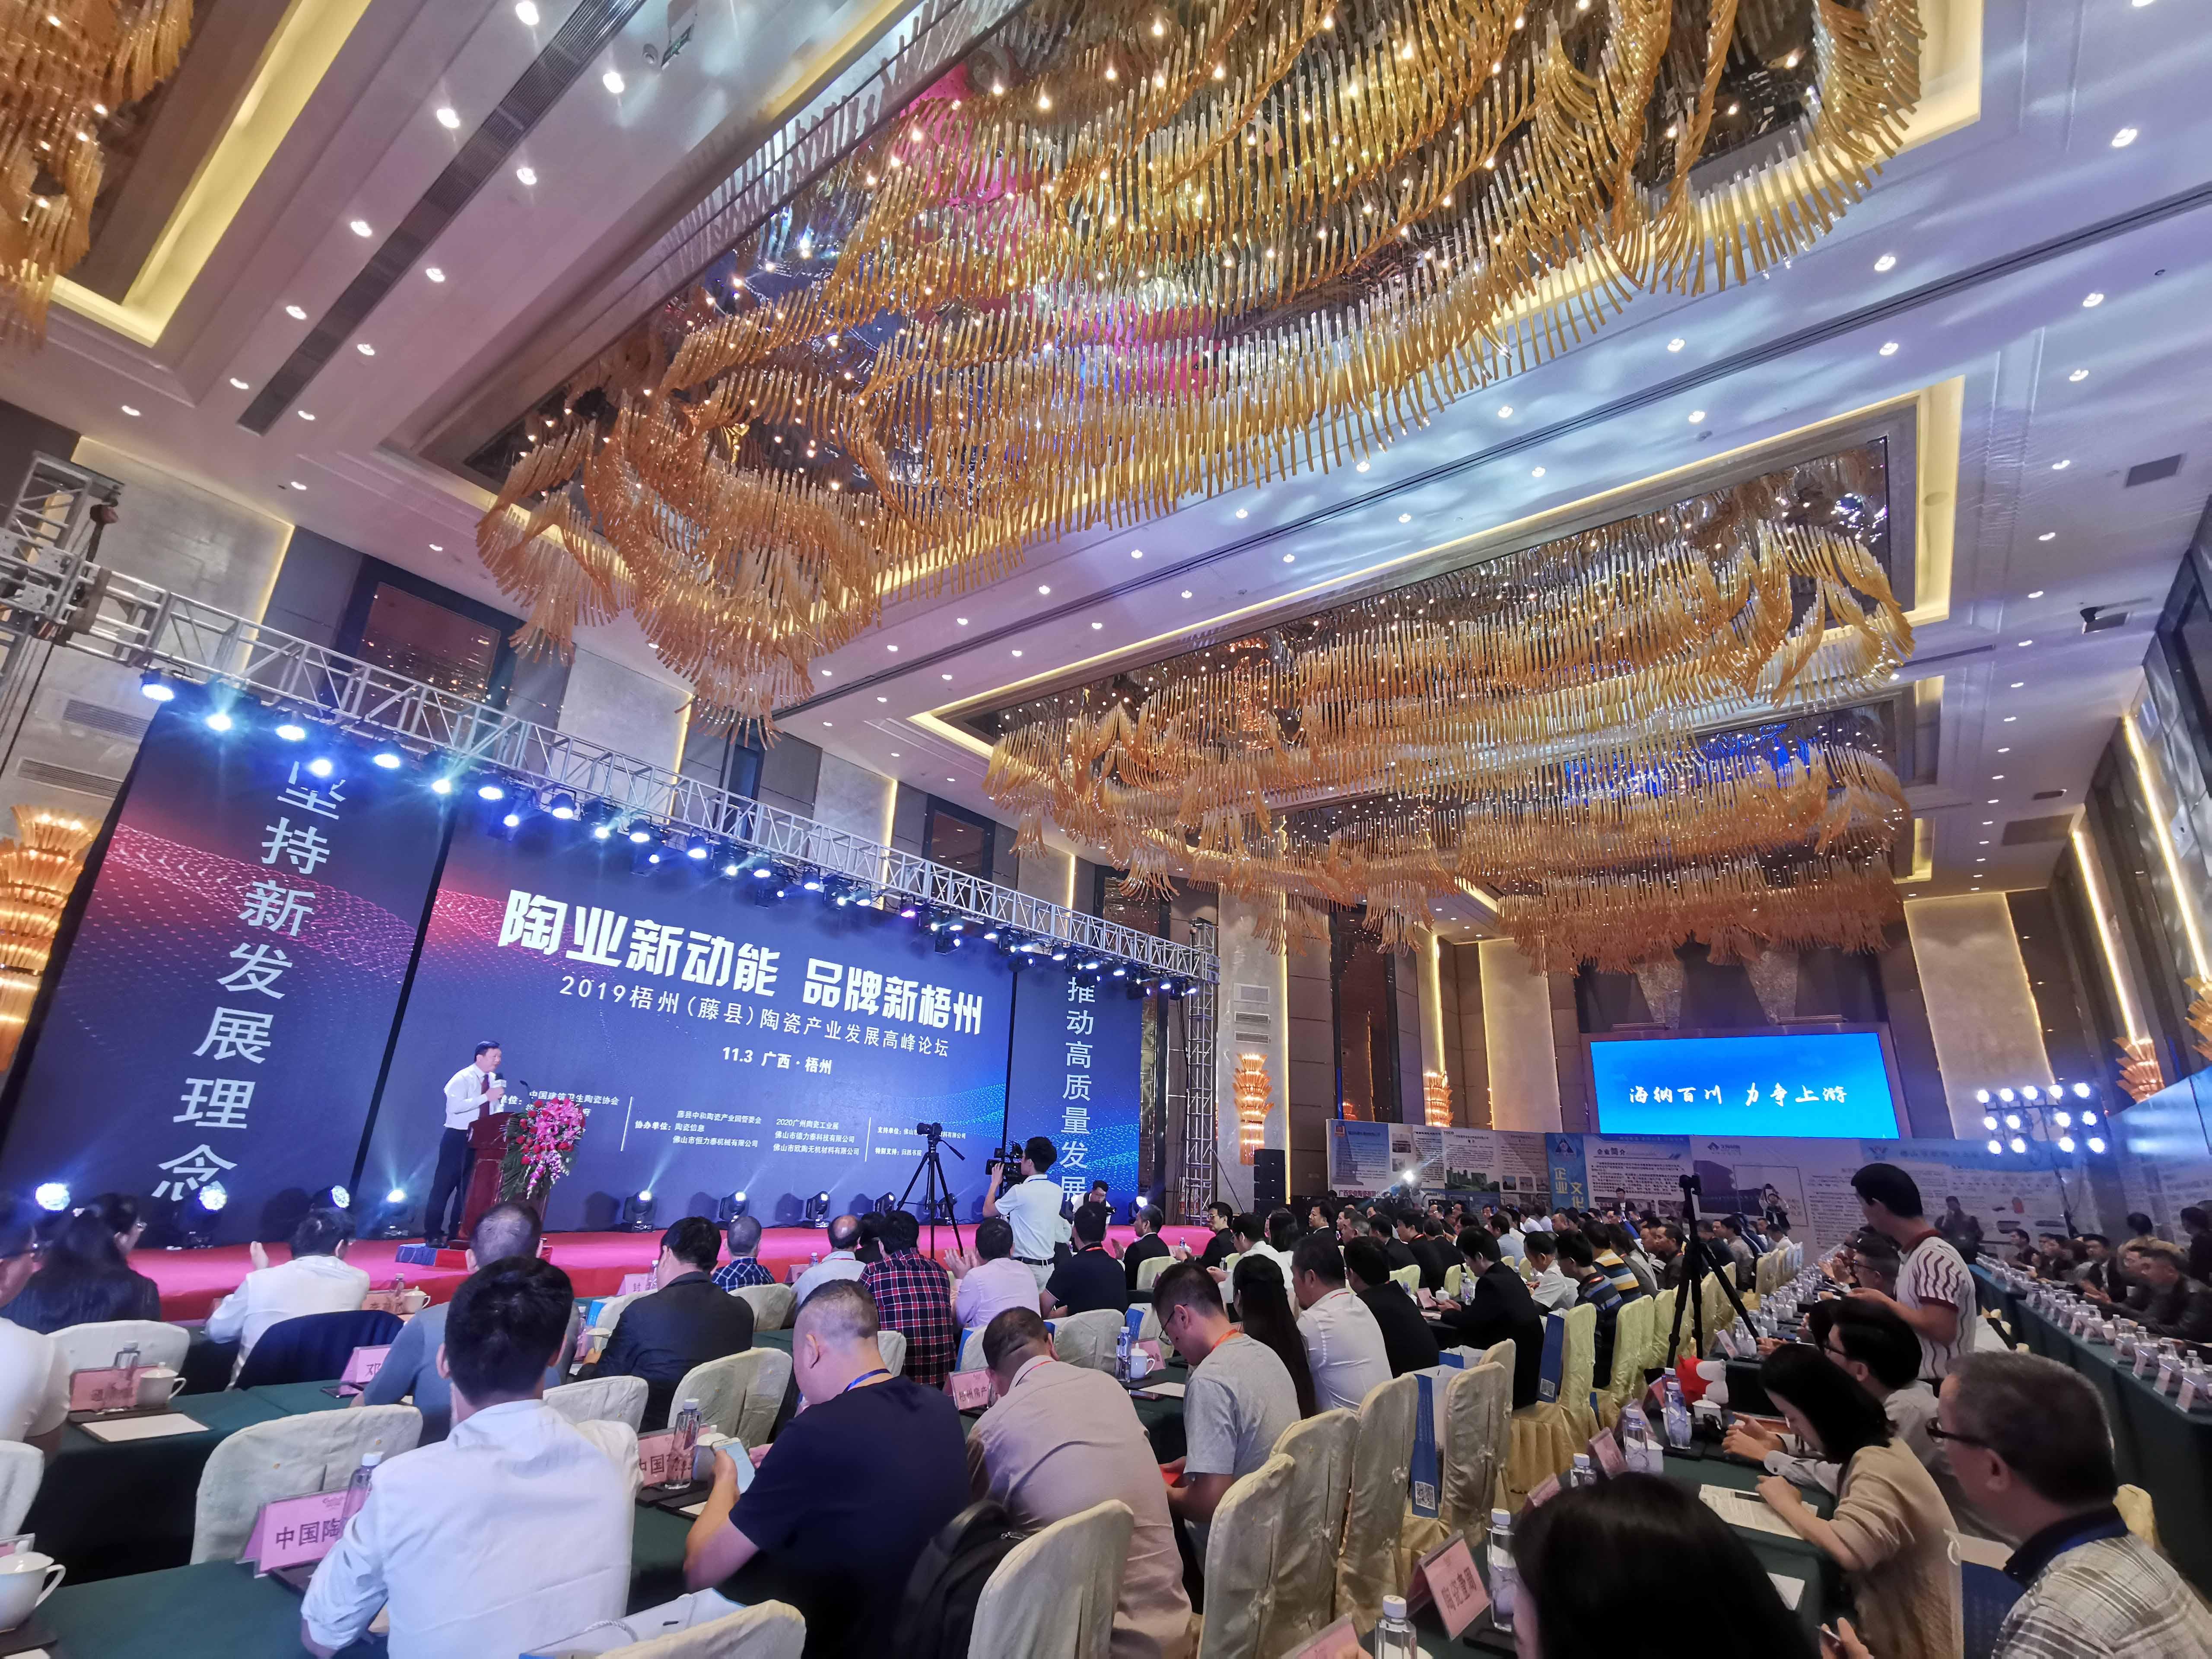 十年!南国新陶都初见雏形,藤县陶瓷产业实现新腾飞